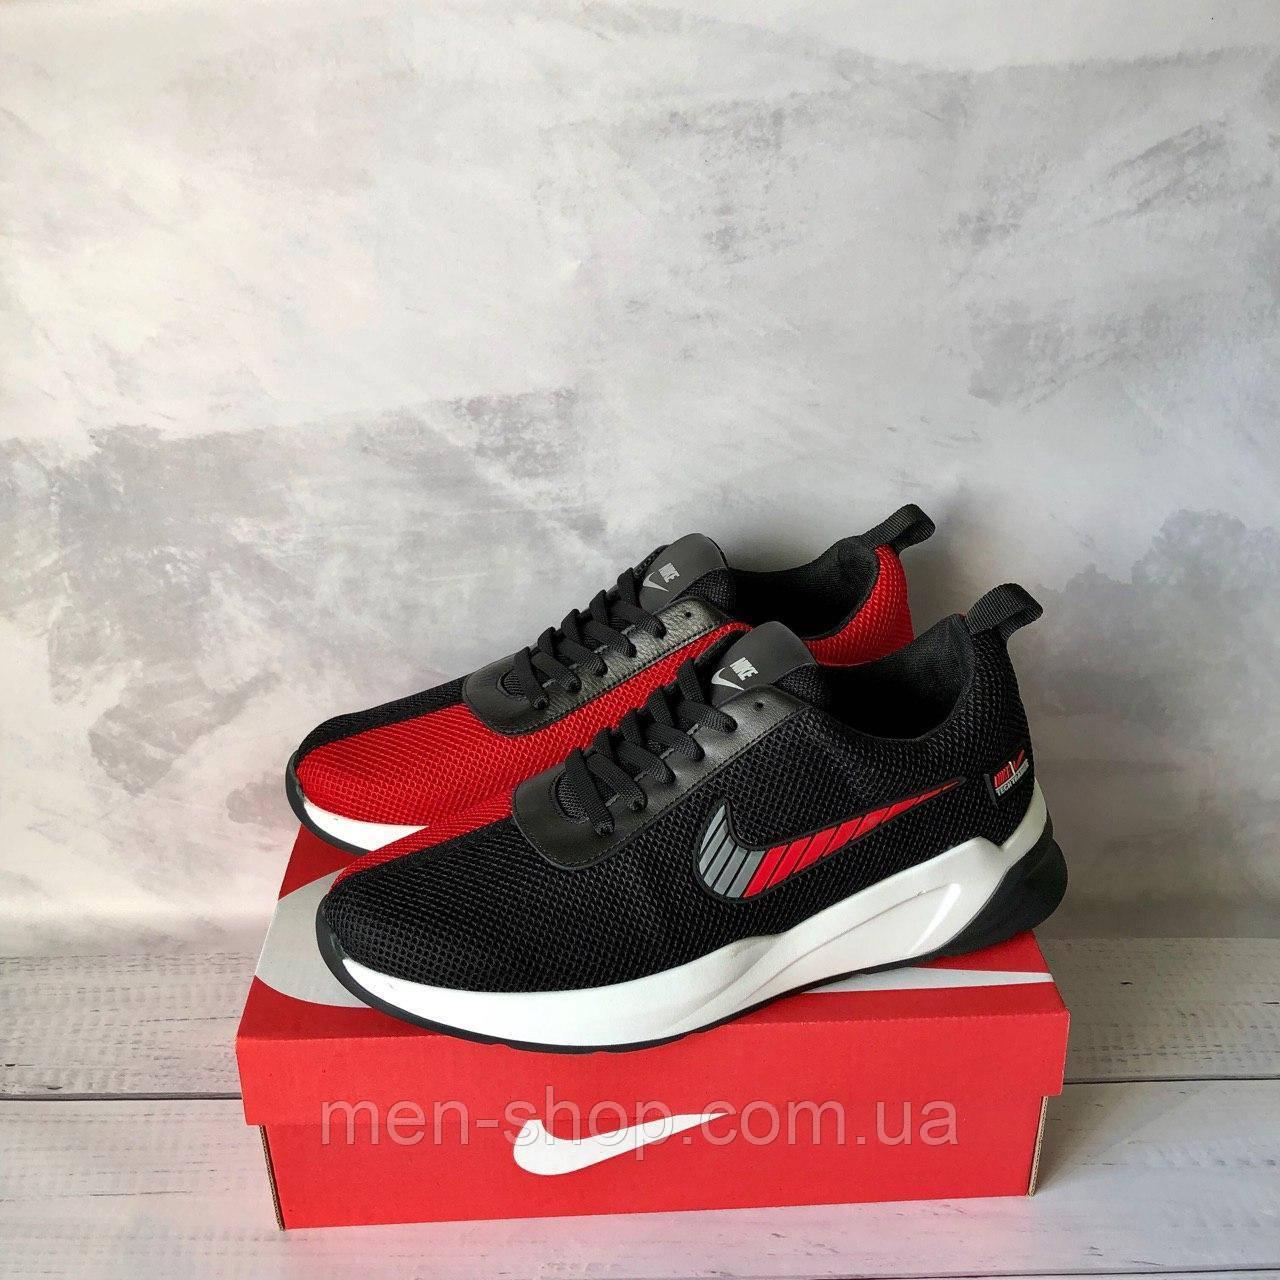 Мужские черно-красные кроссовки в стиле Nike